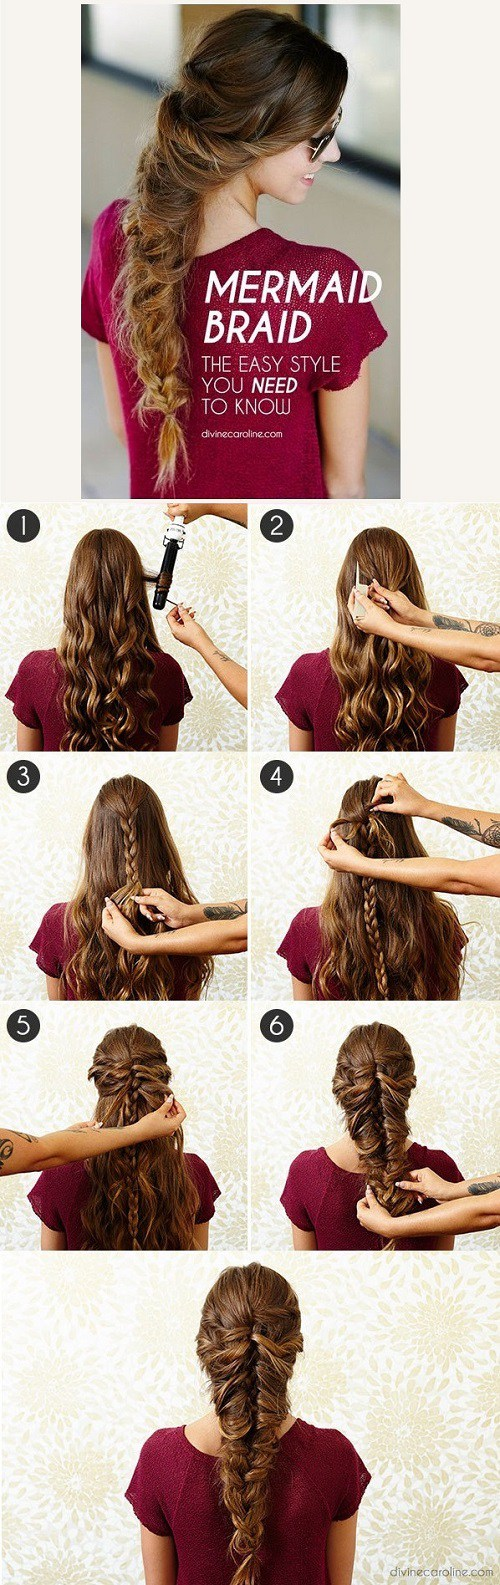 12 Simple Hair Tutorials for Medium & Long Hair - Hairstyle